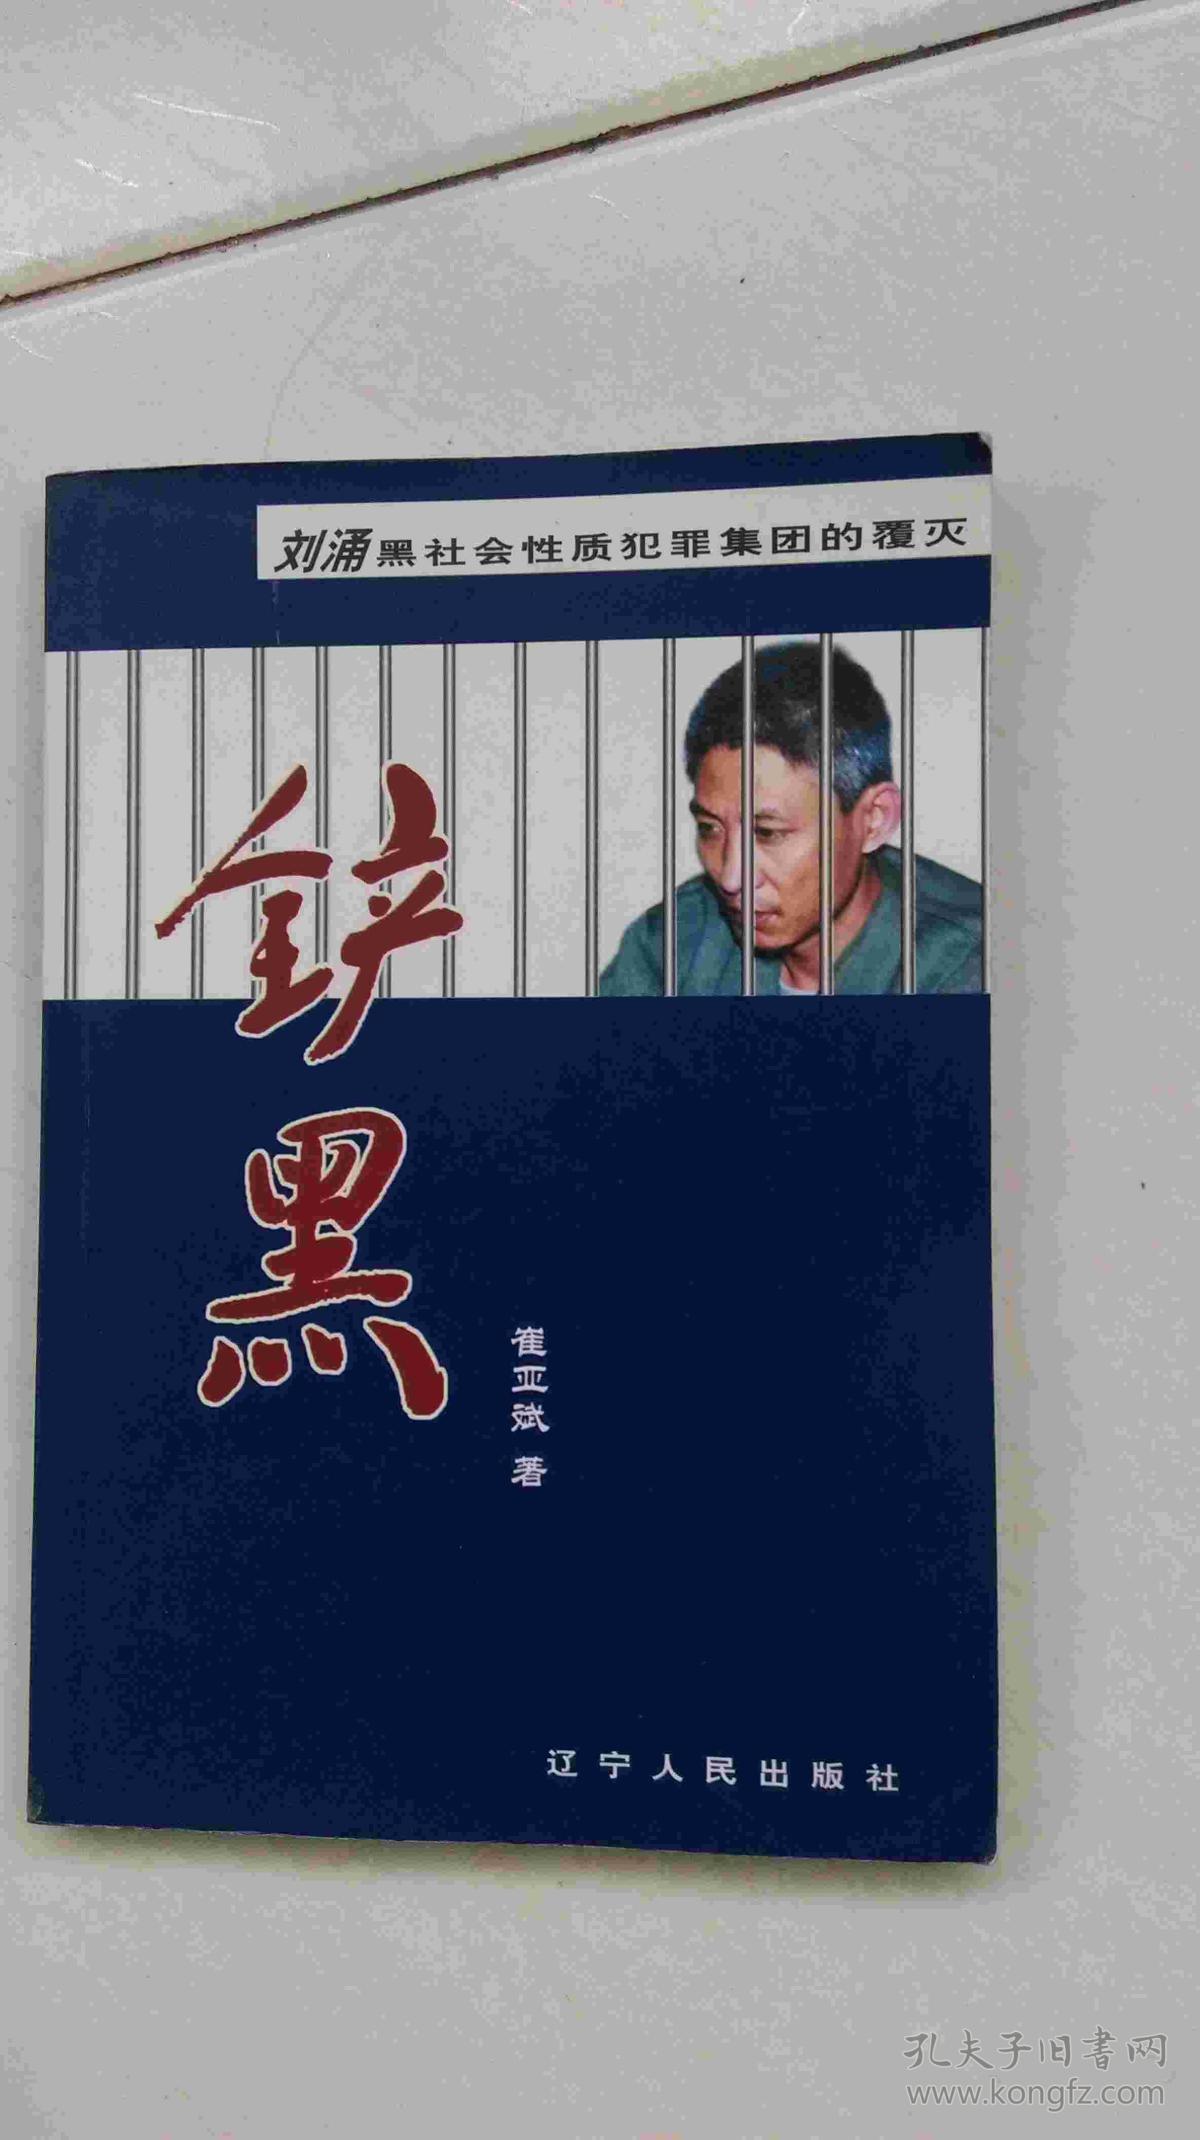 铲黑:刘涌黑社会性质犯罪集团的覆灭